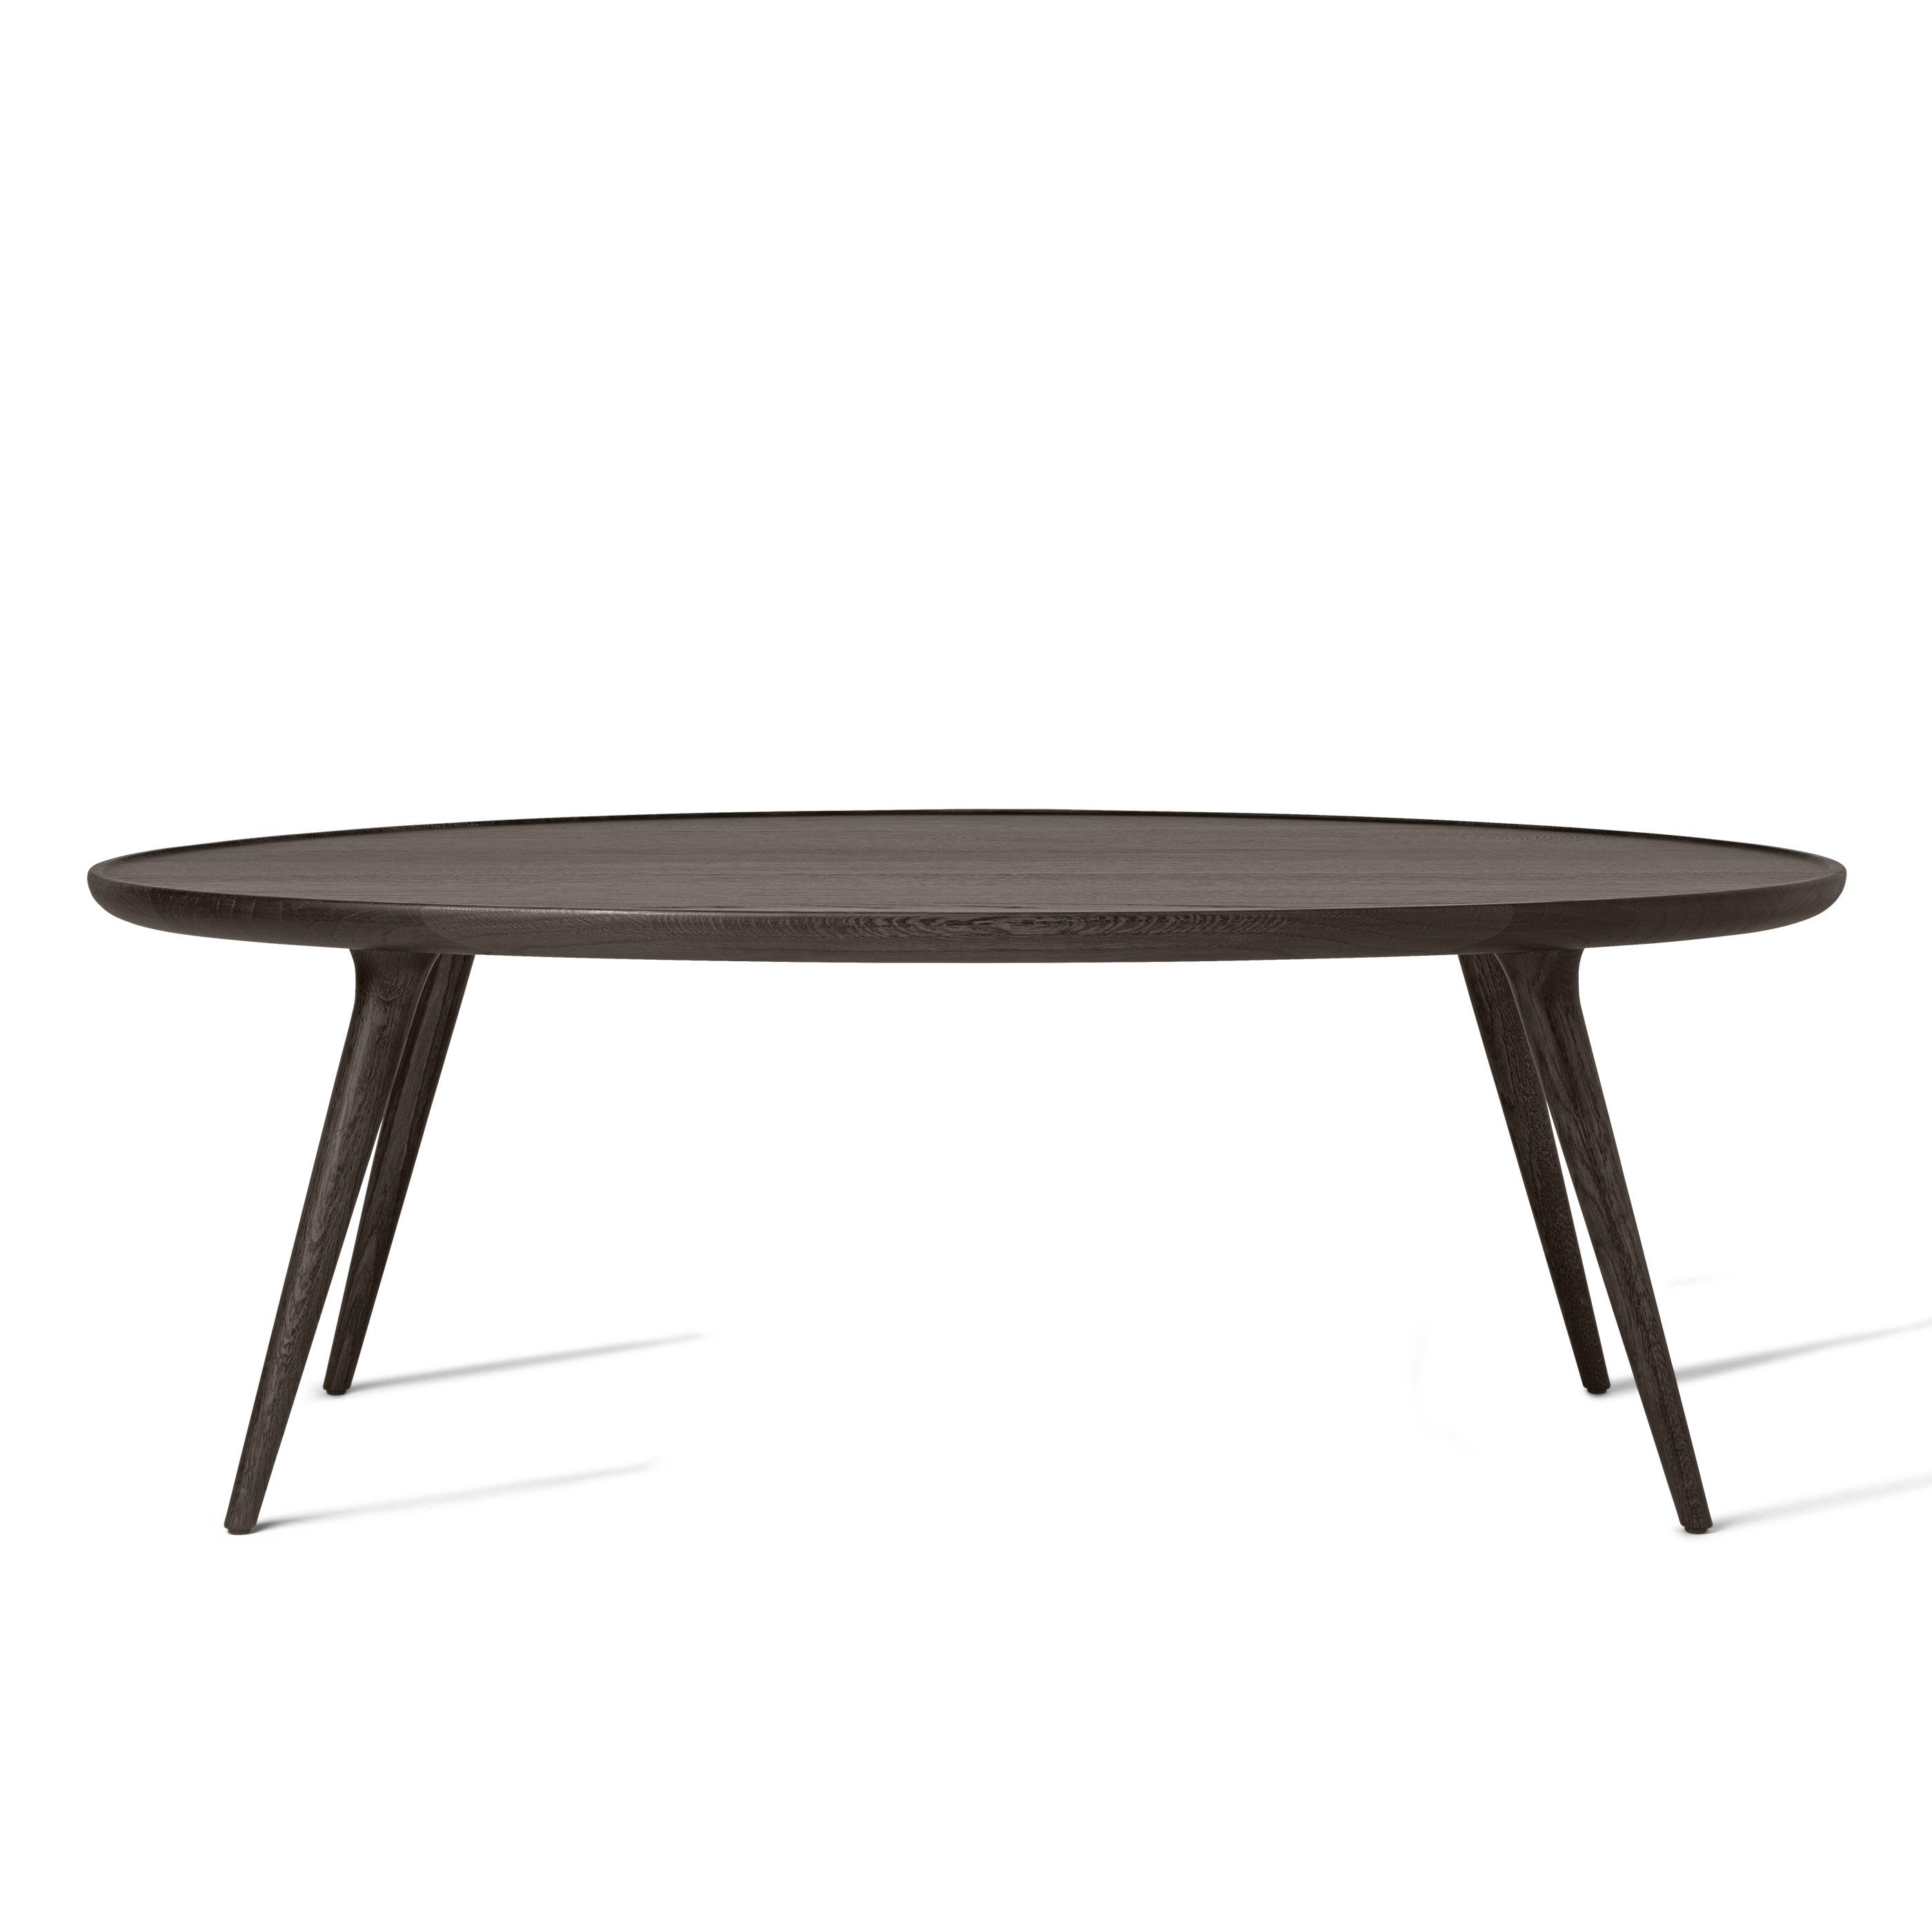 Ovalen Salon Tafel.Mater Design Accent Grijs Eiken Salontafel Ovaal 120x80x42 Cm